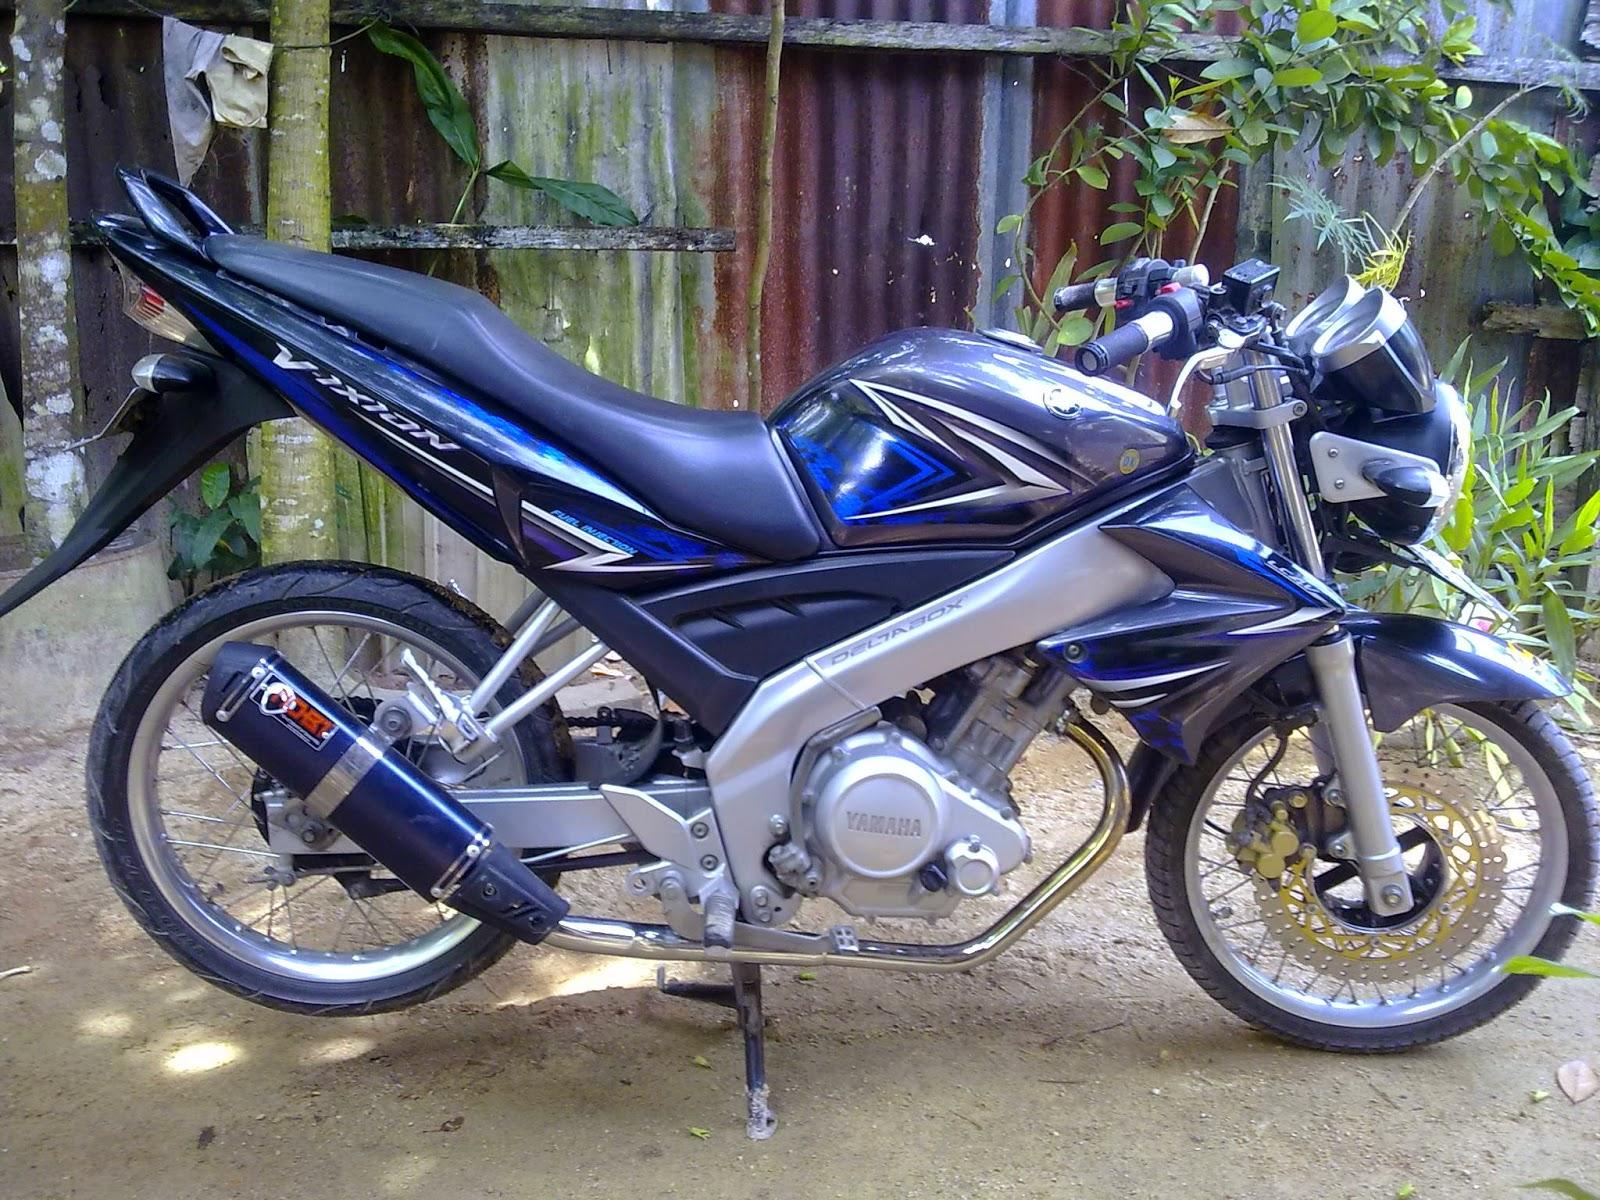 Modifikasi Yamaha Vixion Modifikasi Yamaha Vixion By Teja Timur